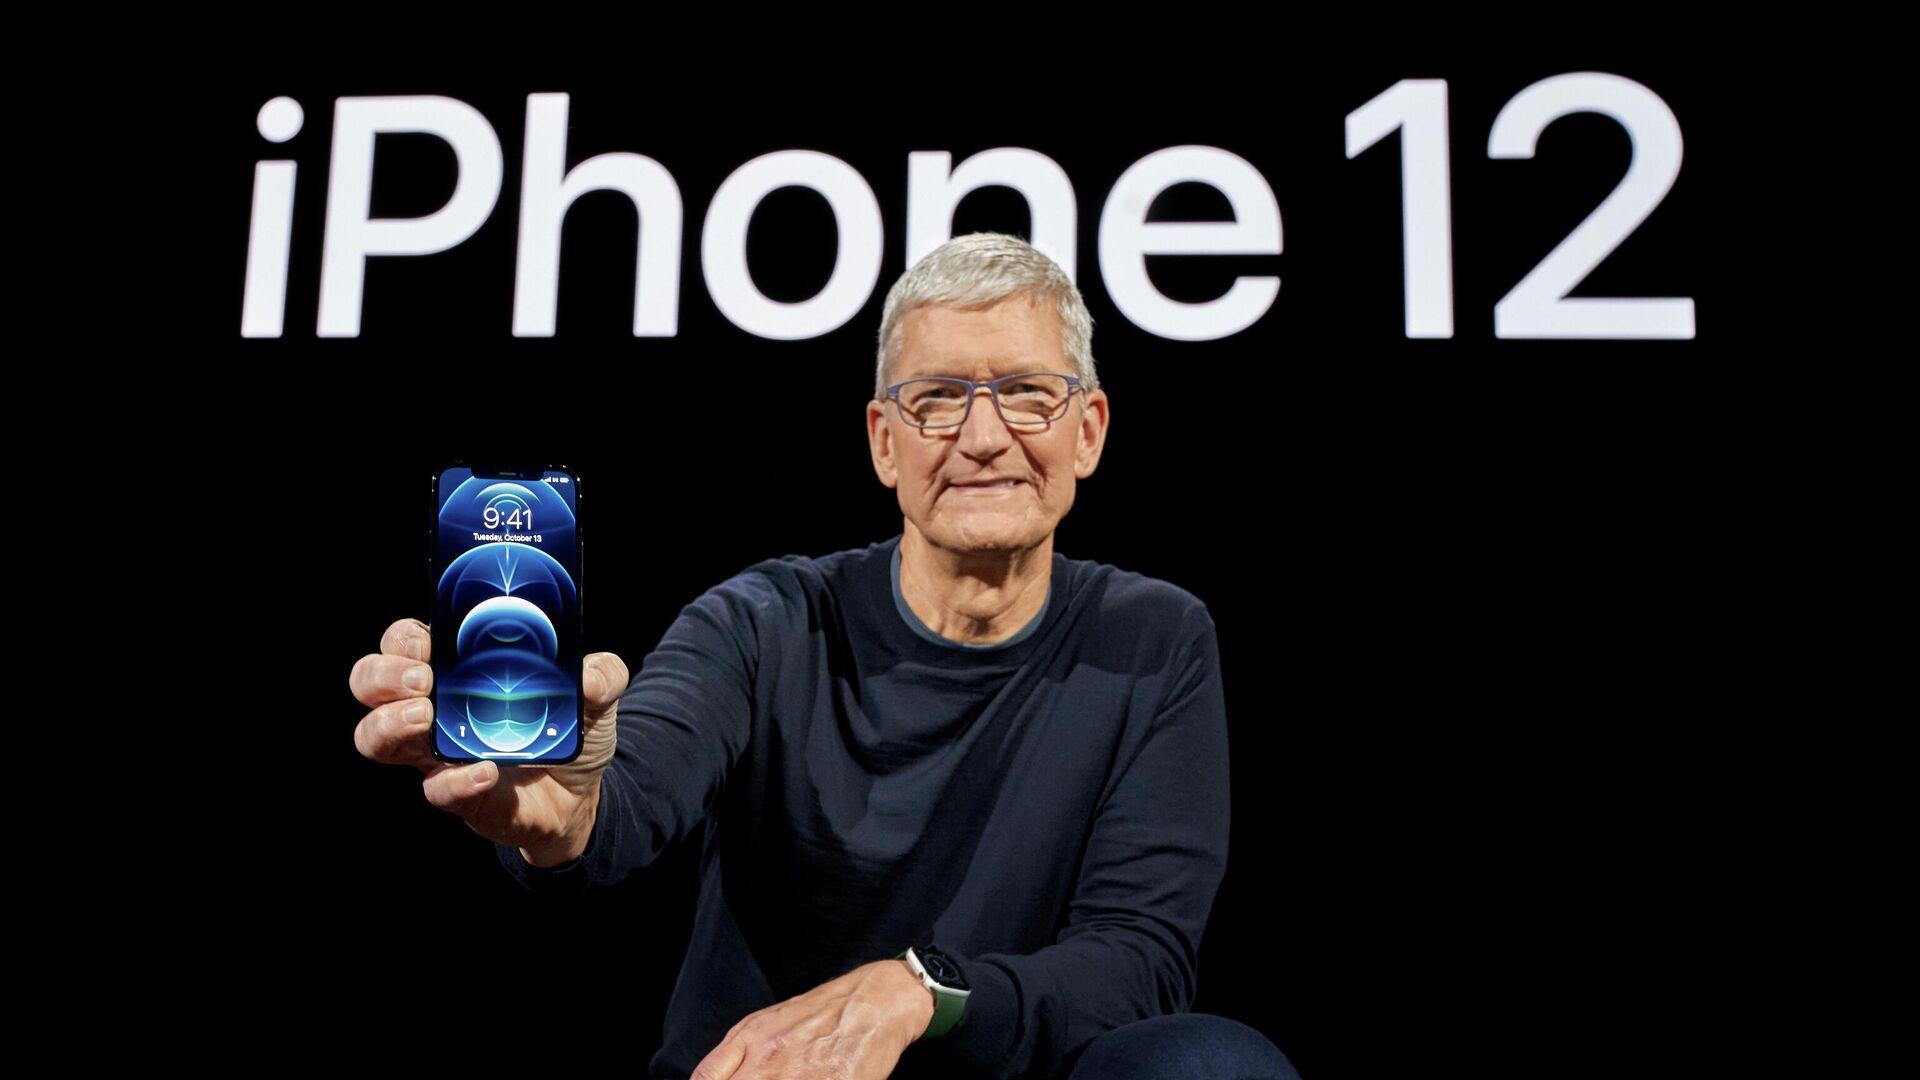 iPhone 12 для США получили функцию, которая не достанется остальному миру